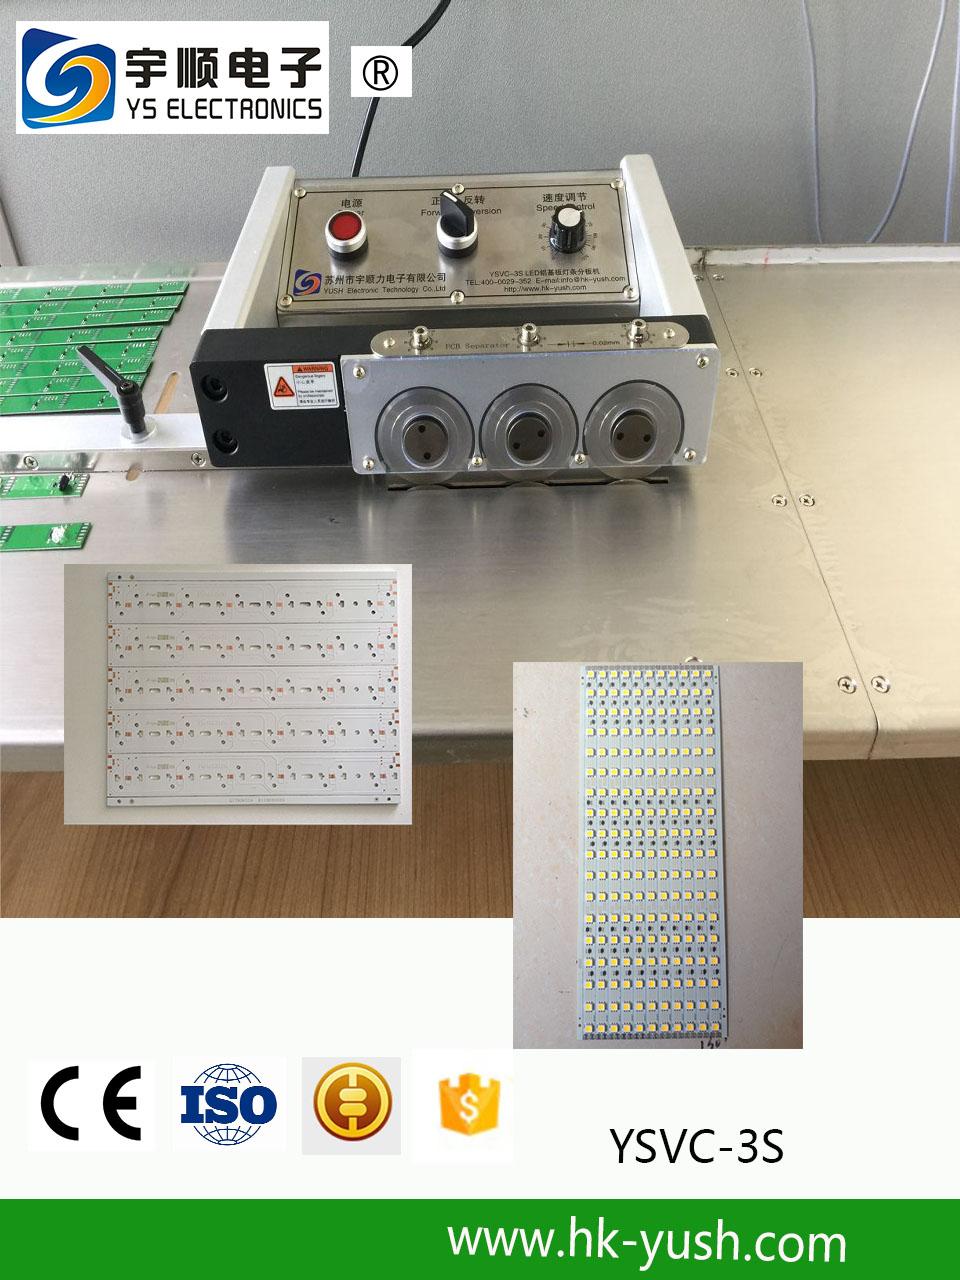 Pcb Cutter Machine Pcb Cutting Pcb Guillotine Pcb Board